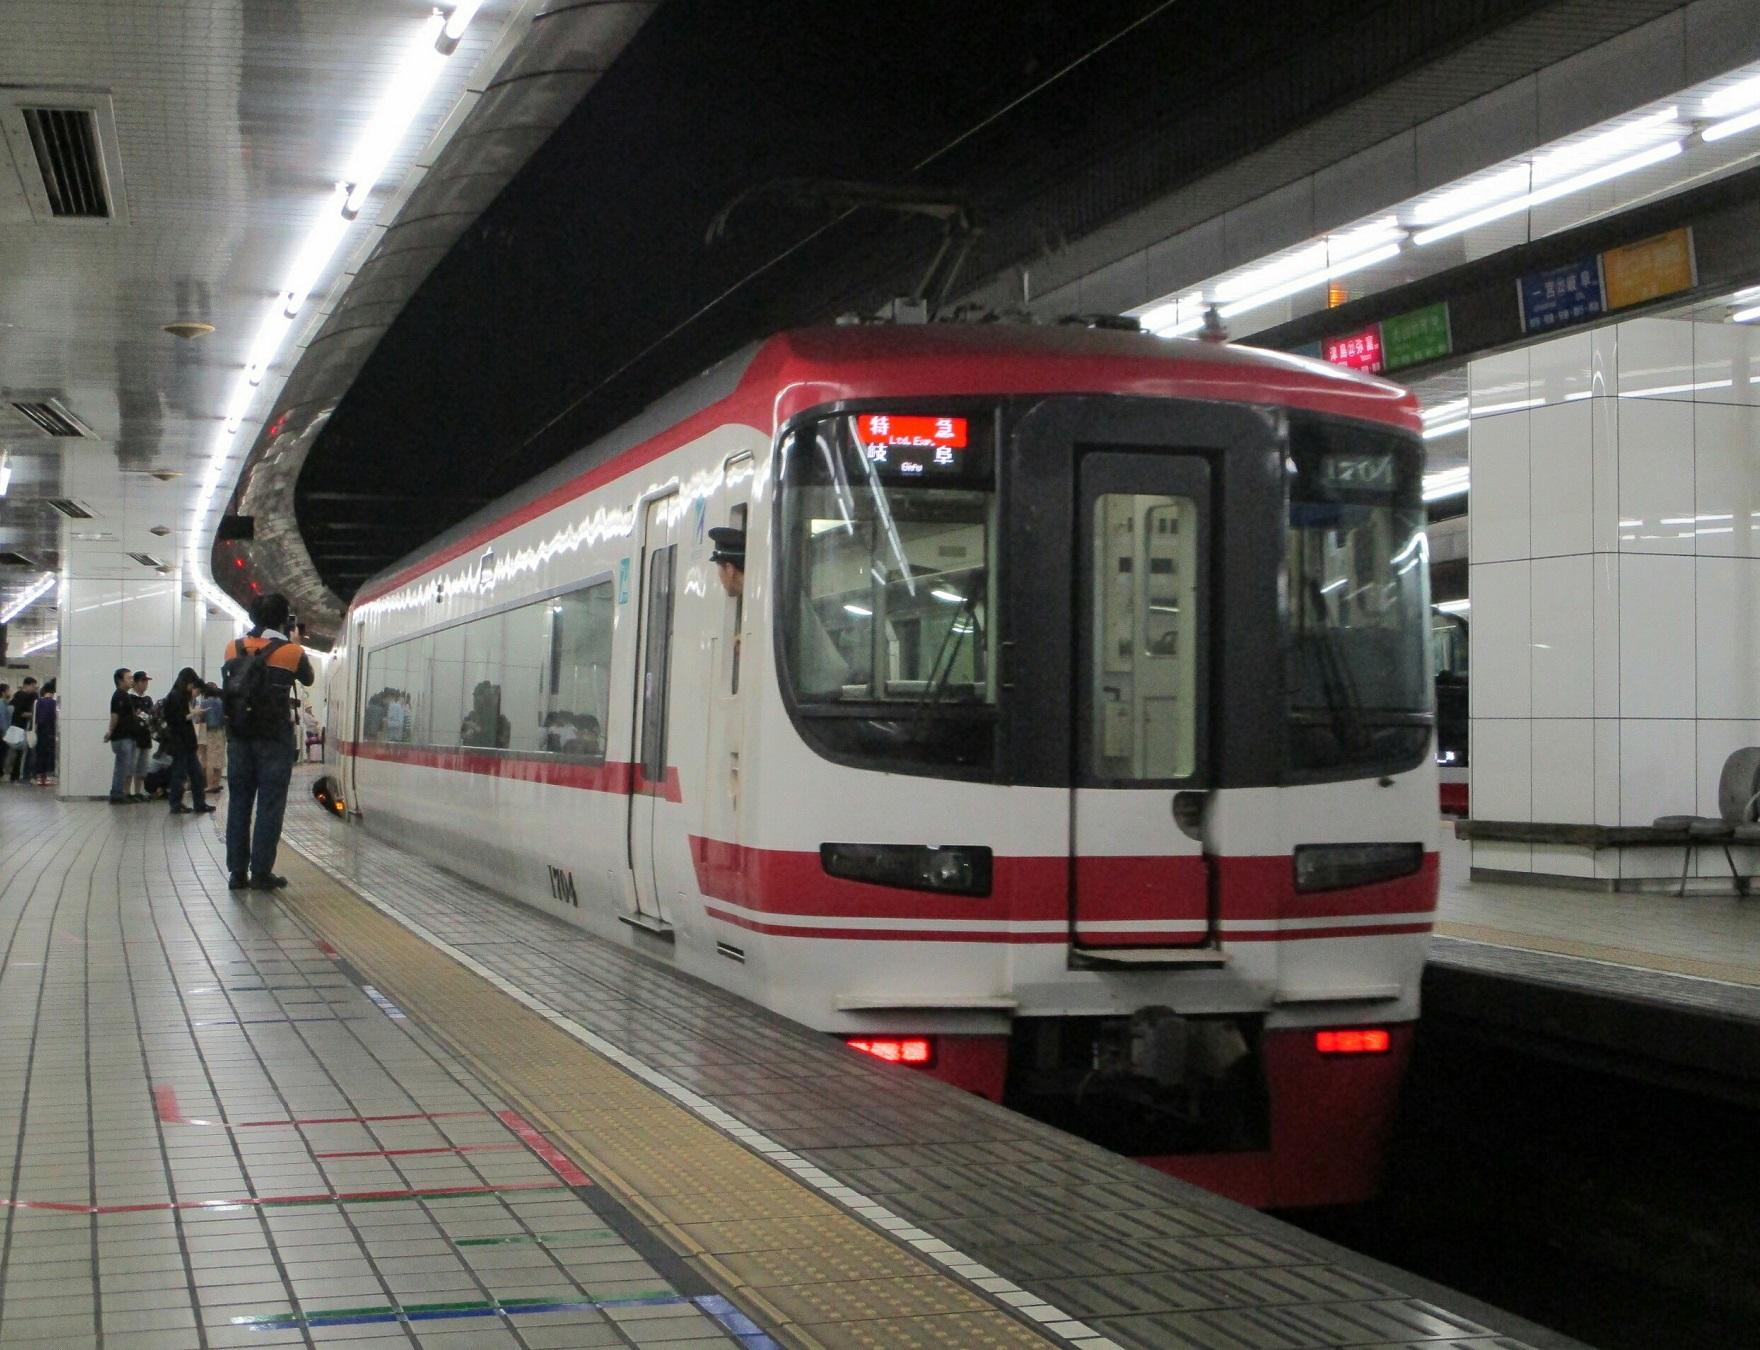 2019.6.2 (9) 名古屋 - 岐阜いき特急 1760-1350